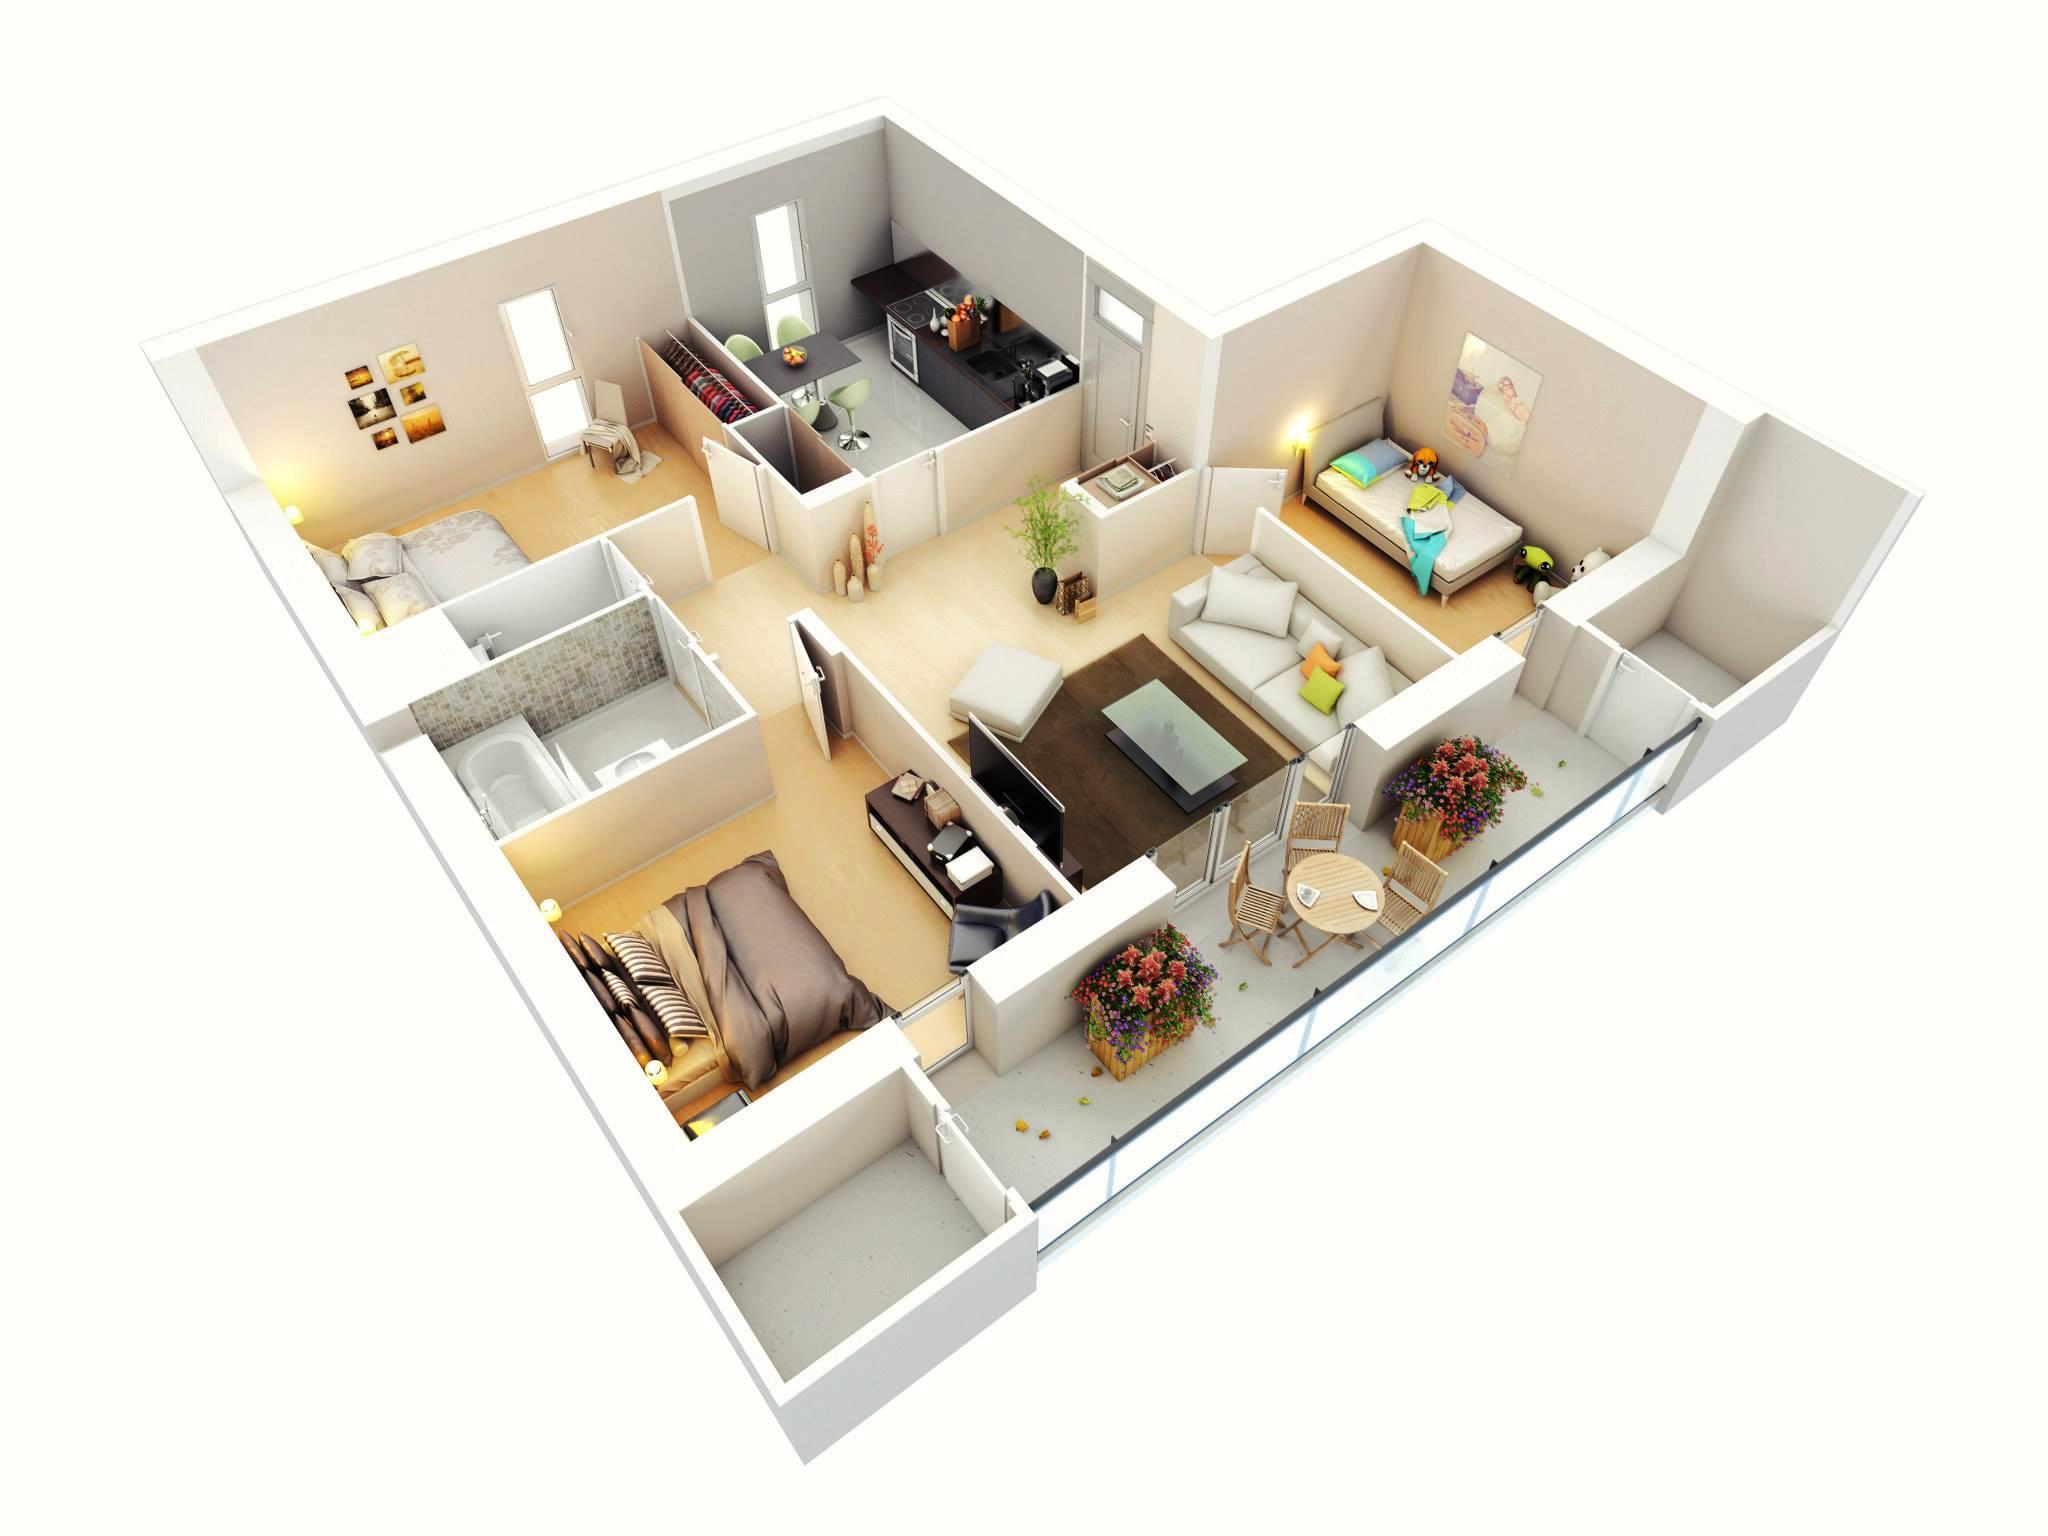 3d 3 bedroom house plans - Modern Bungalow Floor Plan 3d Small 3 Bedroom Floor Plans House Design Pinterest Bungalow Floor Plans Bungalows And Modern Bungalow